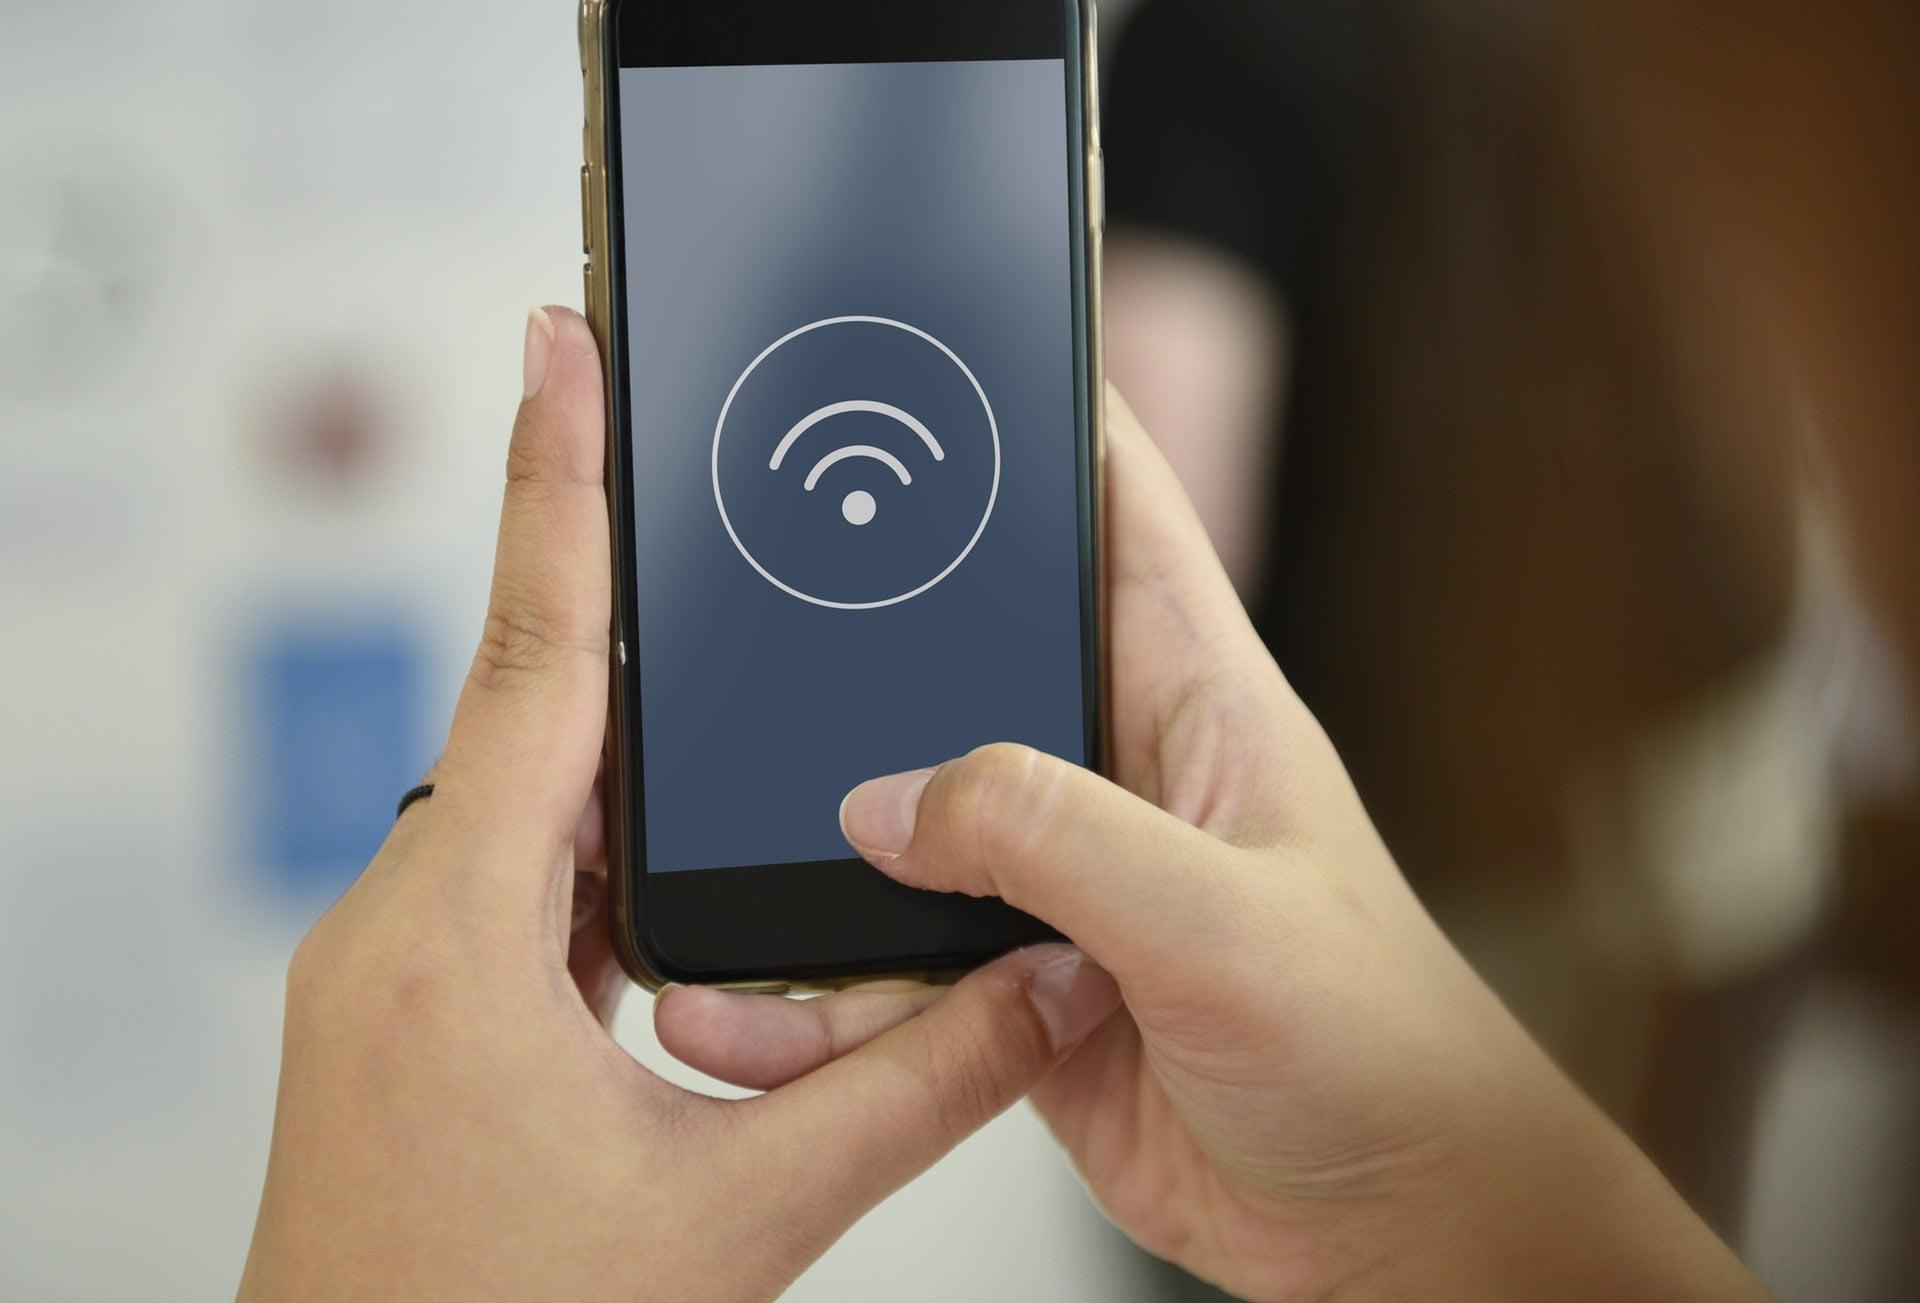 """Tabletowo.pl Od teraz łatwiej będzie się połapać, który standard Wi-Fi jest """"lepszy"""" - koniec z literami, przyszedł czas na cyferki Nowości"""